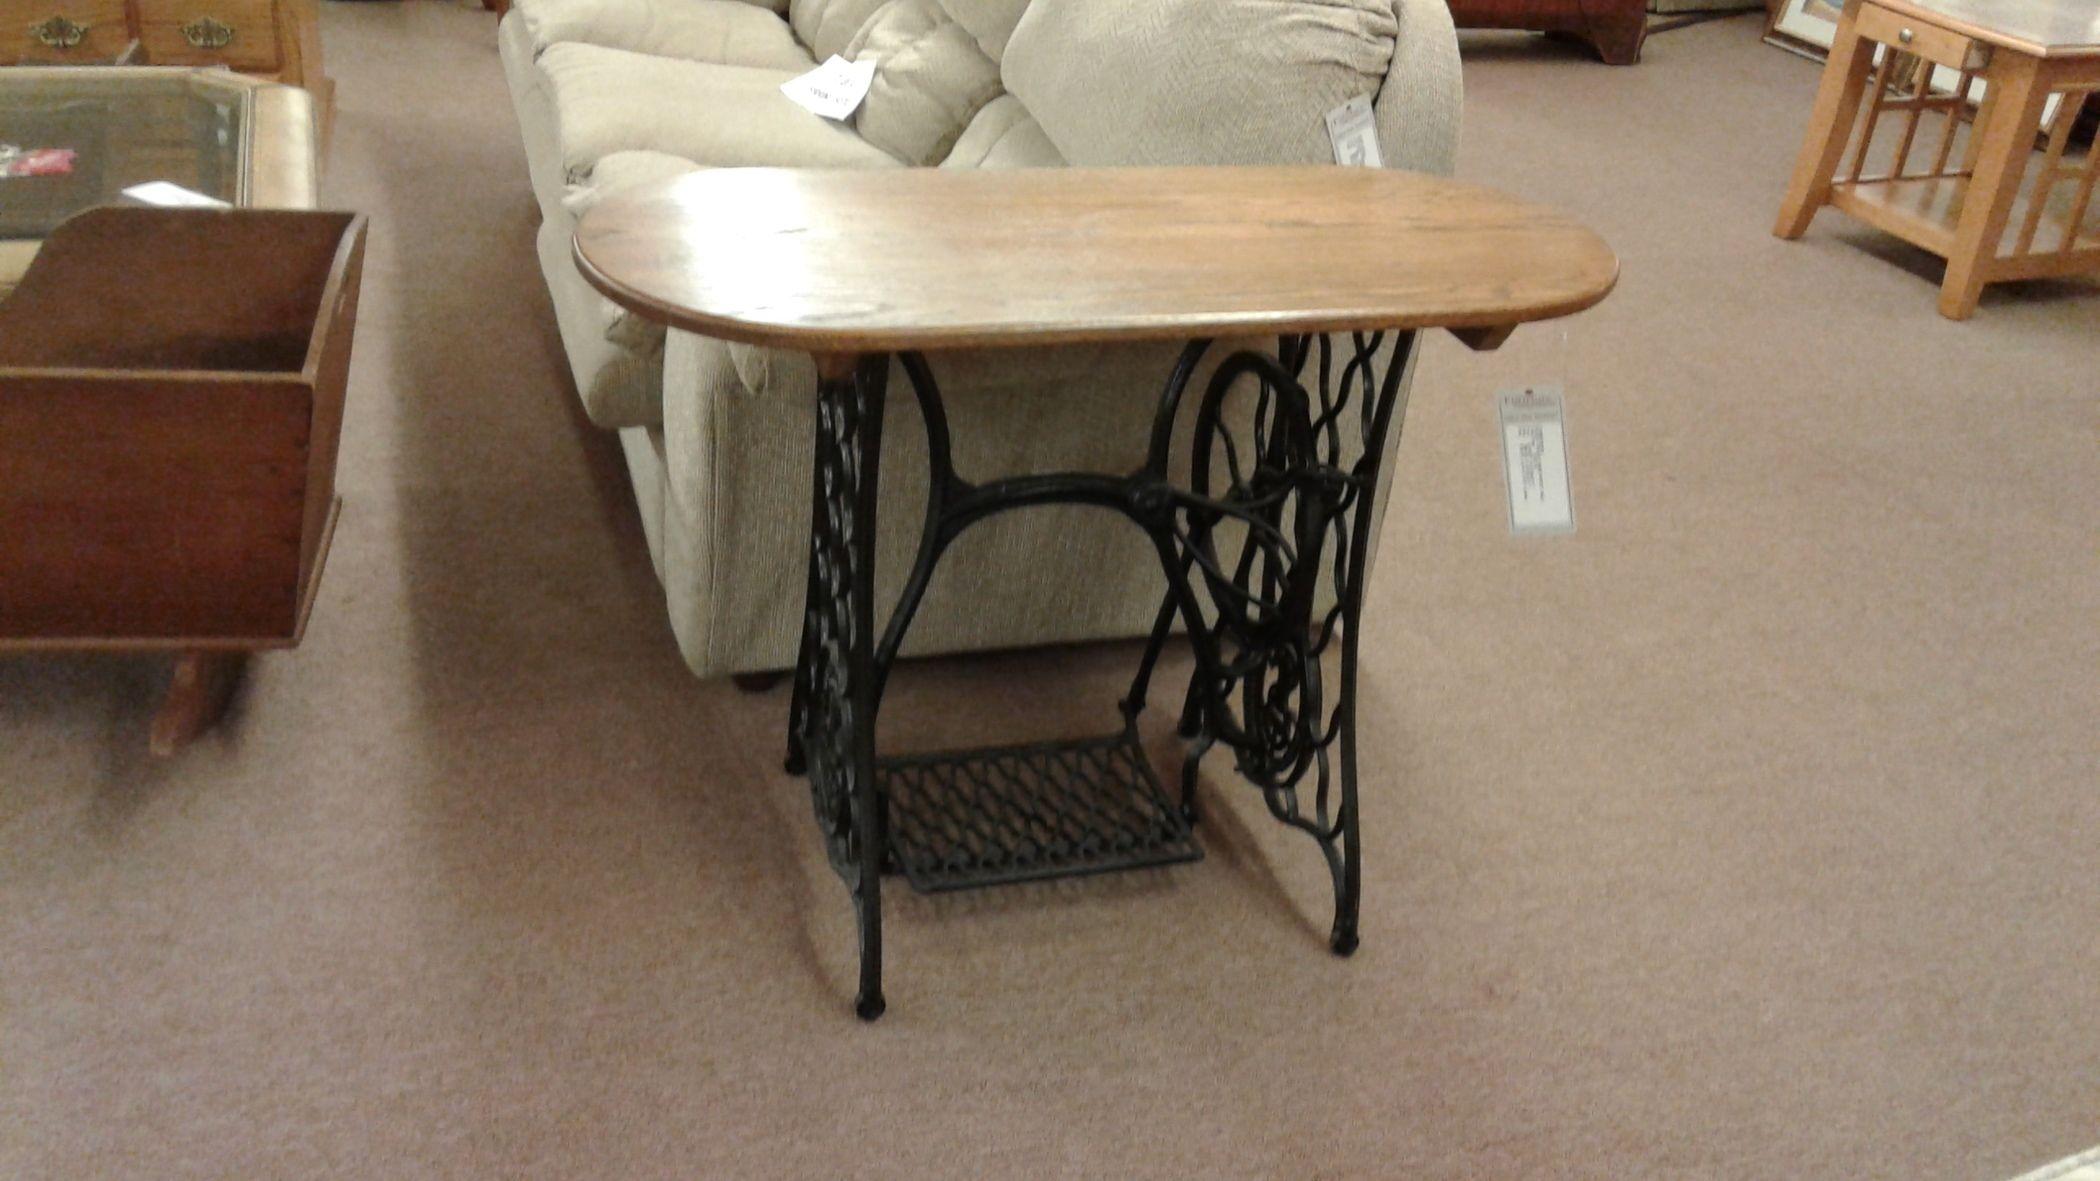 Singer Treadle Base Wood Table Delmarva Furniture